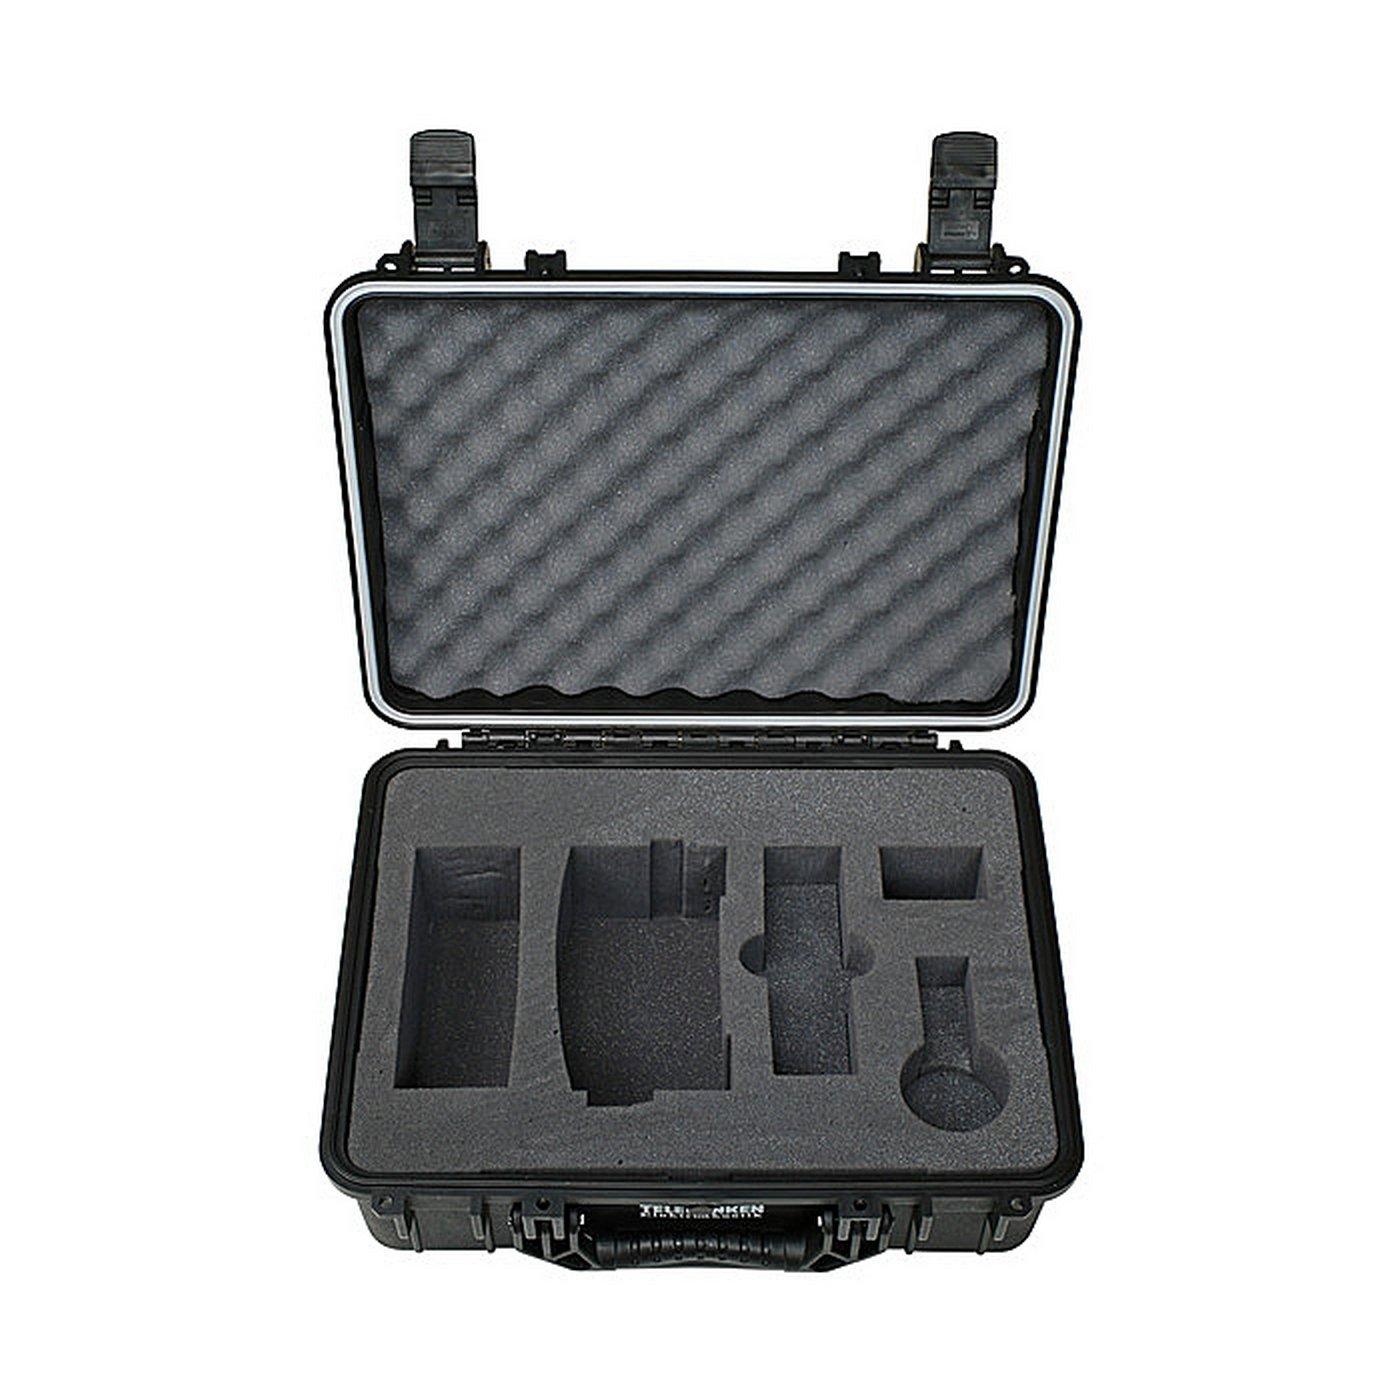 TELEFUNKEN Elektroakustik HC60 | Microphone System Flight Case for ELA M 260 by TELEFUNKEN Elektroakustik (Image #1)